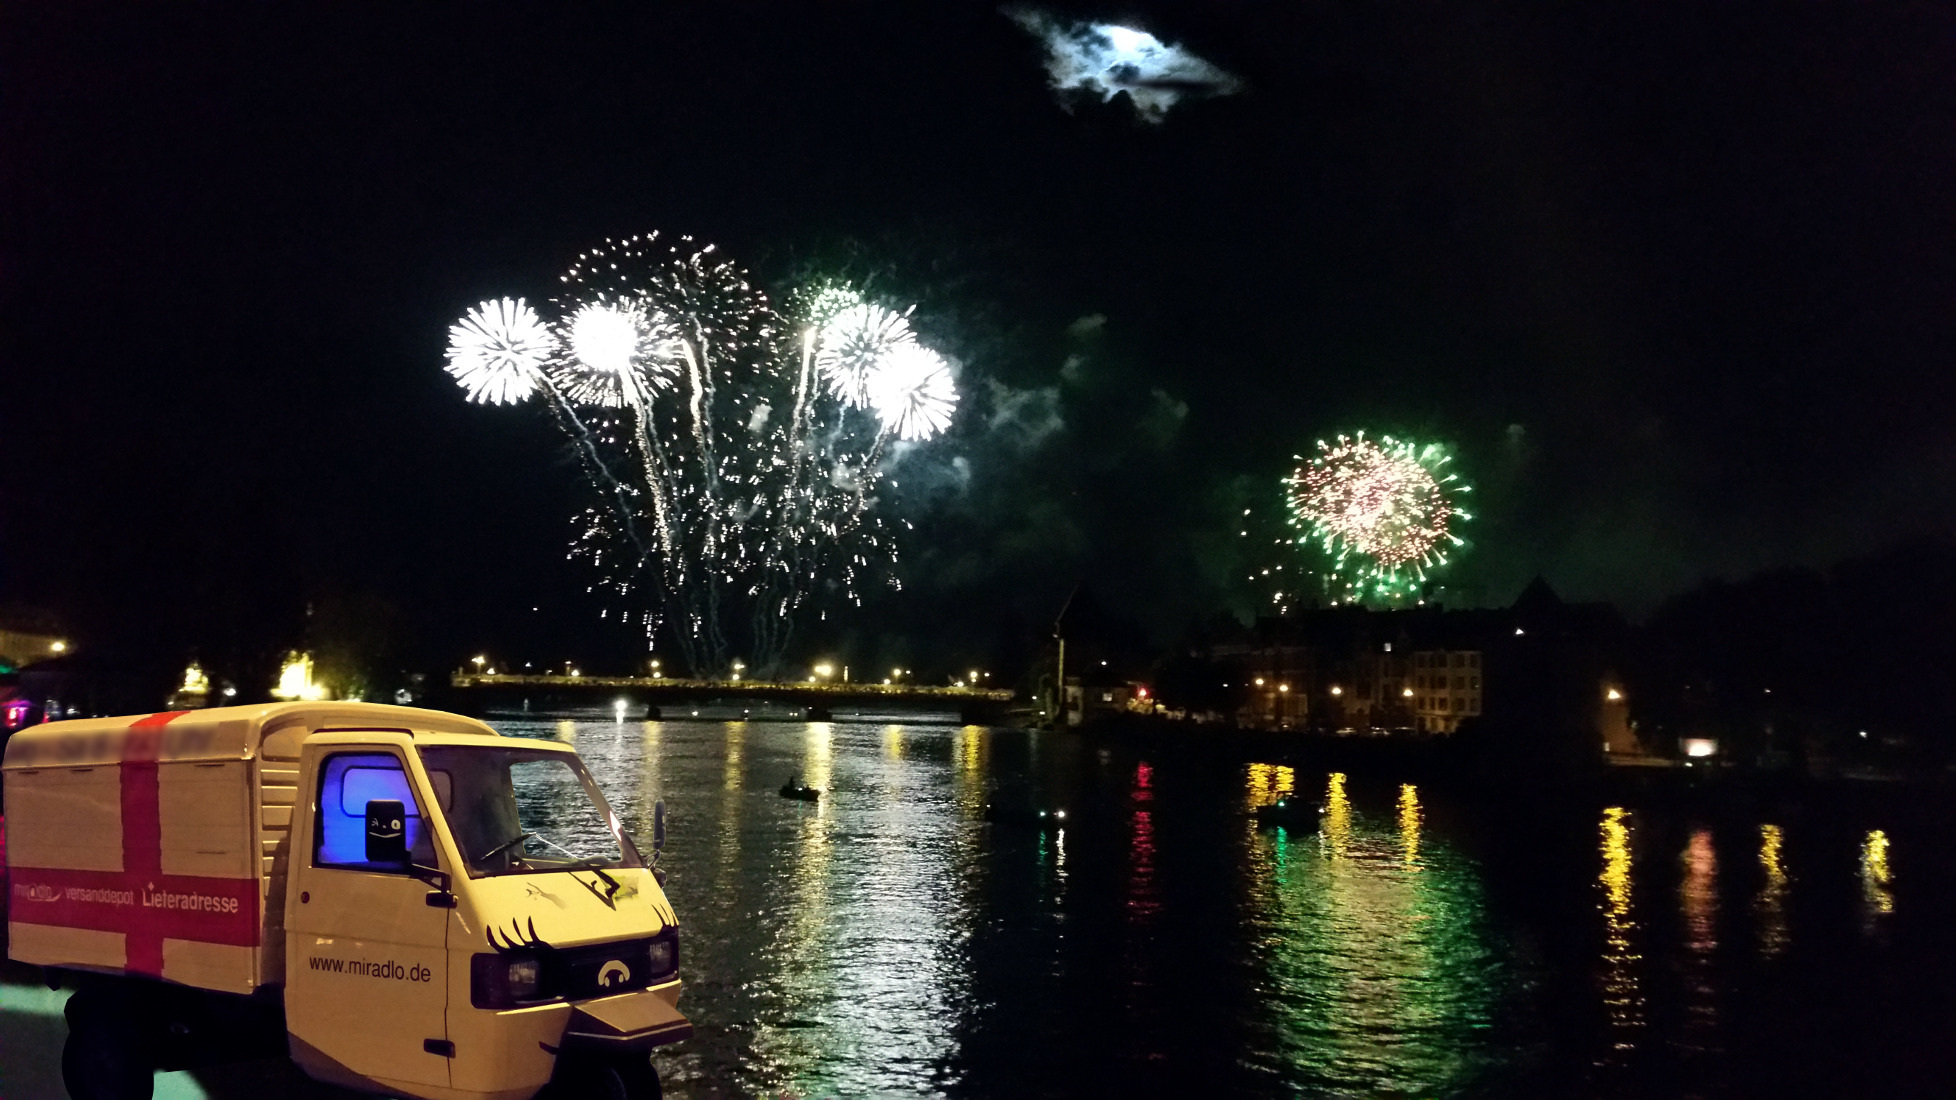 Feuerwerk am Rhein in Konstanz, Apelina - miradlo Versanddepot, die Lieferadresse